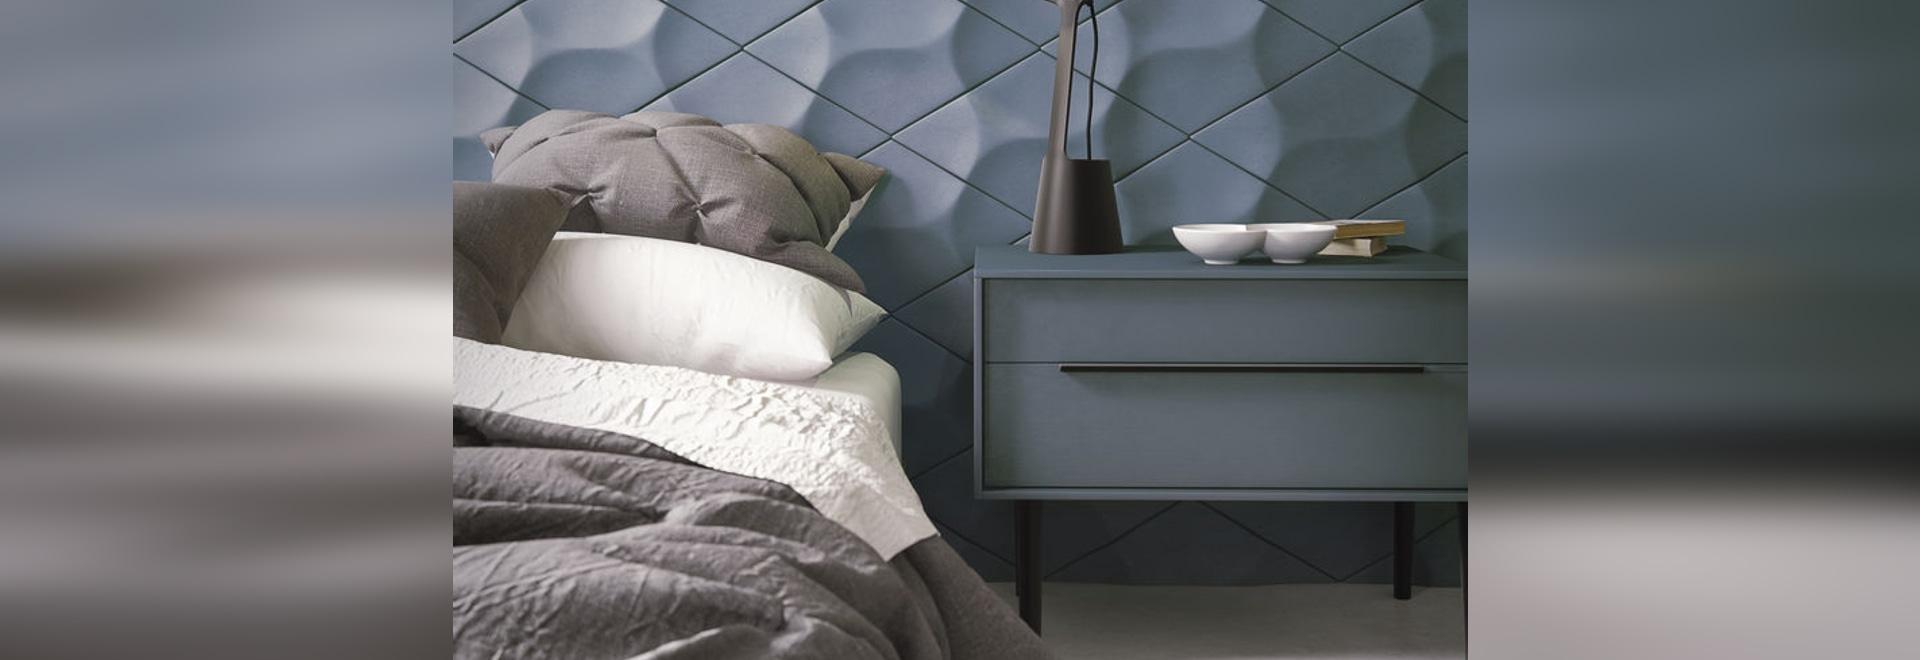 NUEVO: azulejo de interior por NMC sa